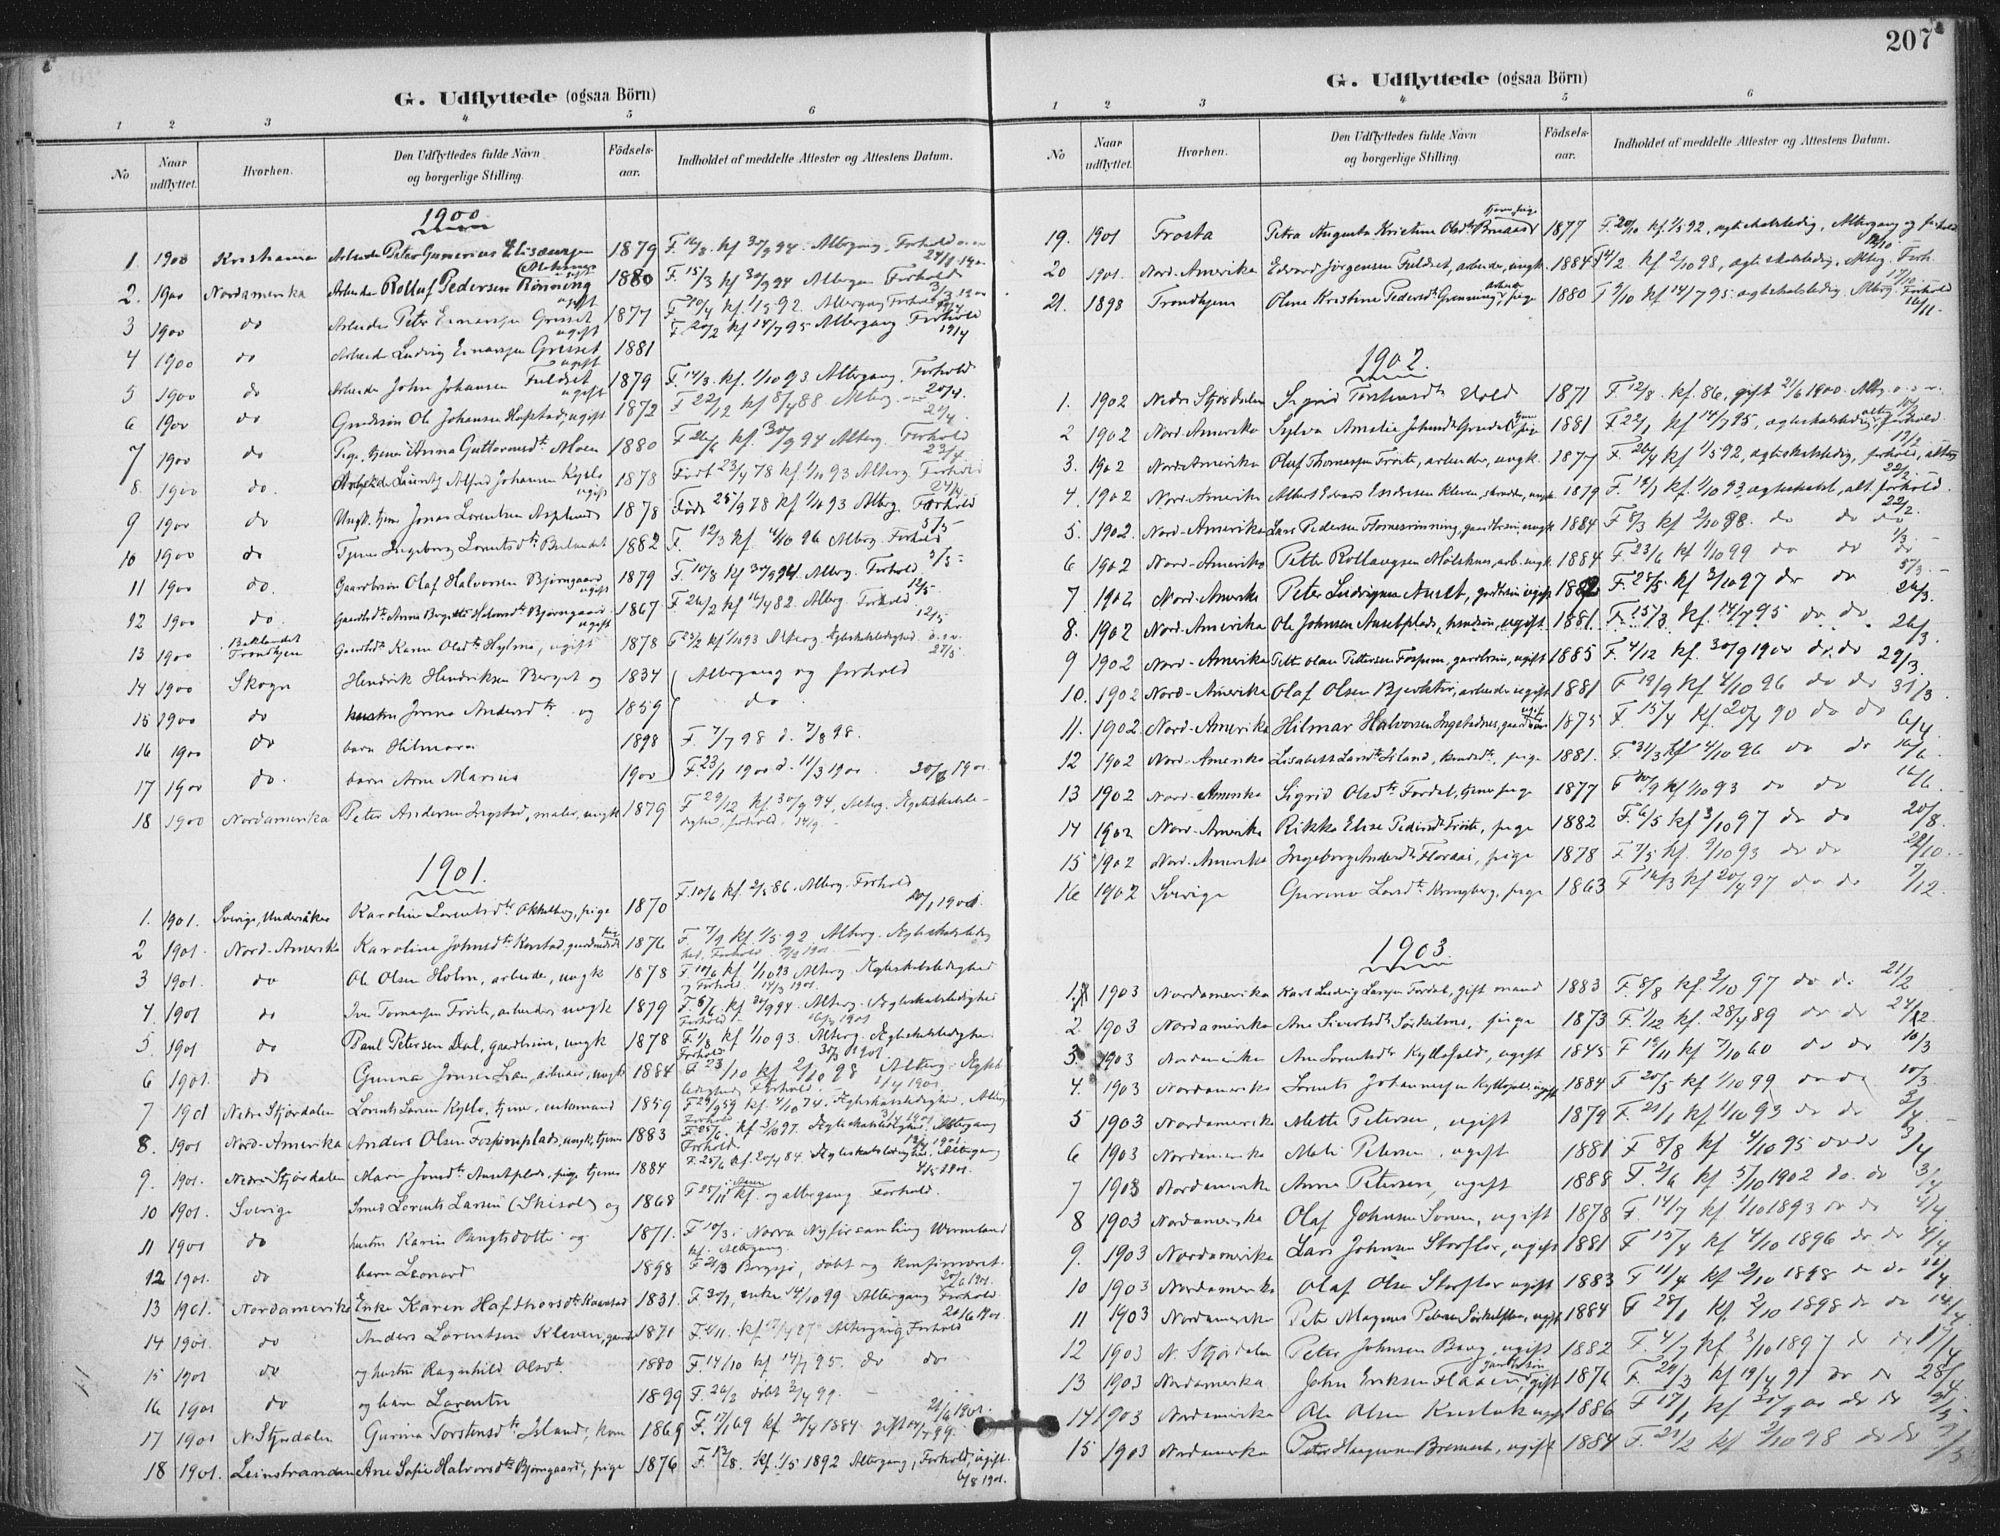 SAT, Ministerialprotokoller, klokkerbøker og fødselsregistre - Nord-Trøndelag, 703/L0031: Ministerialbok nr. 703A04, 1893-1914, s. 207